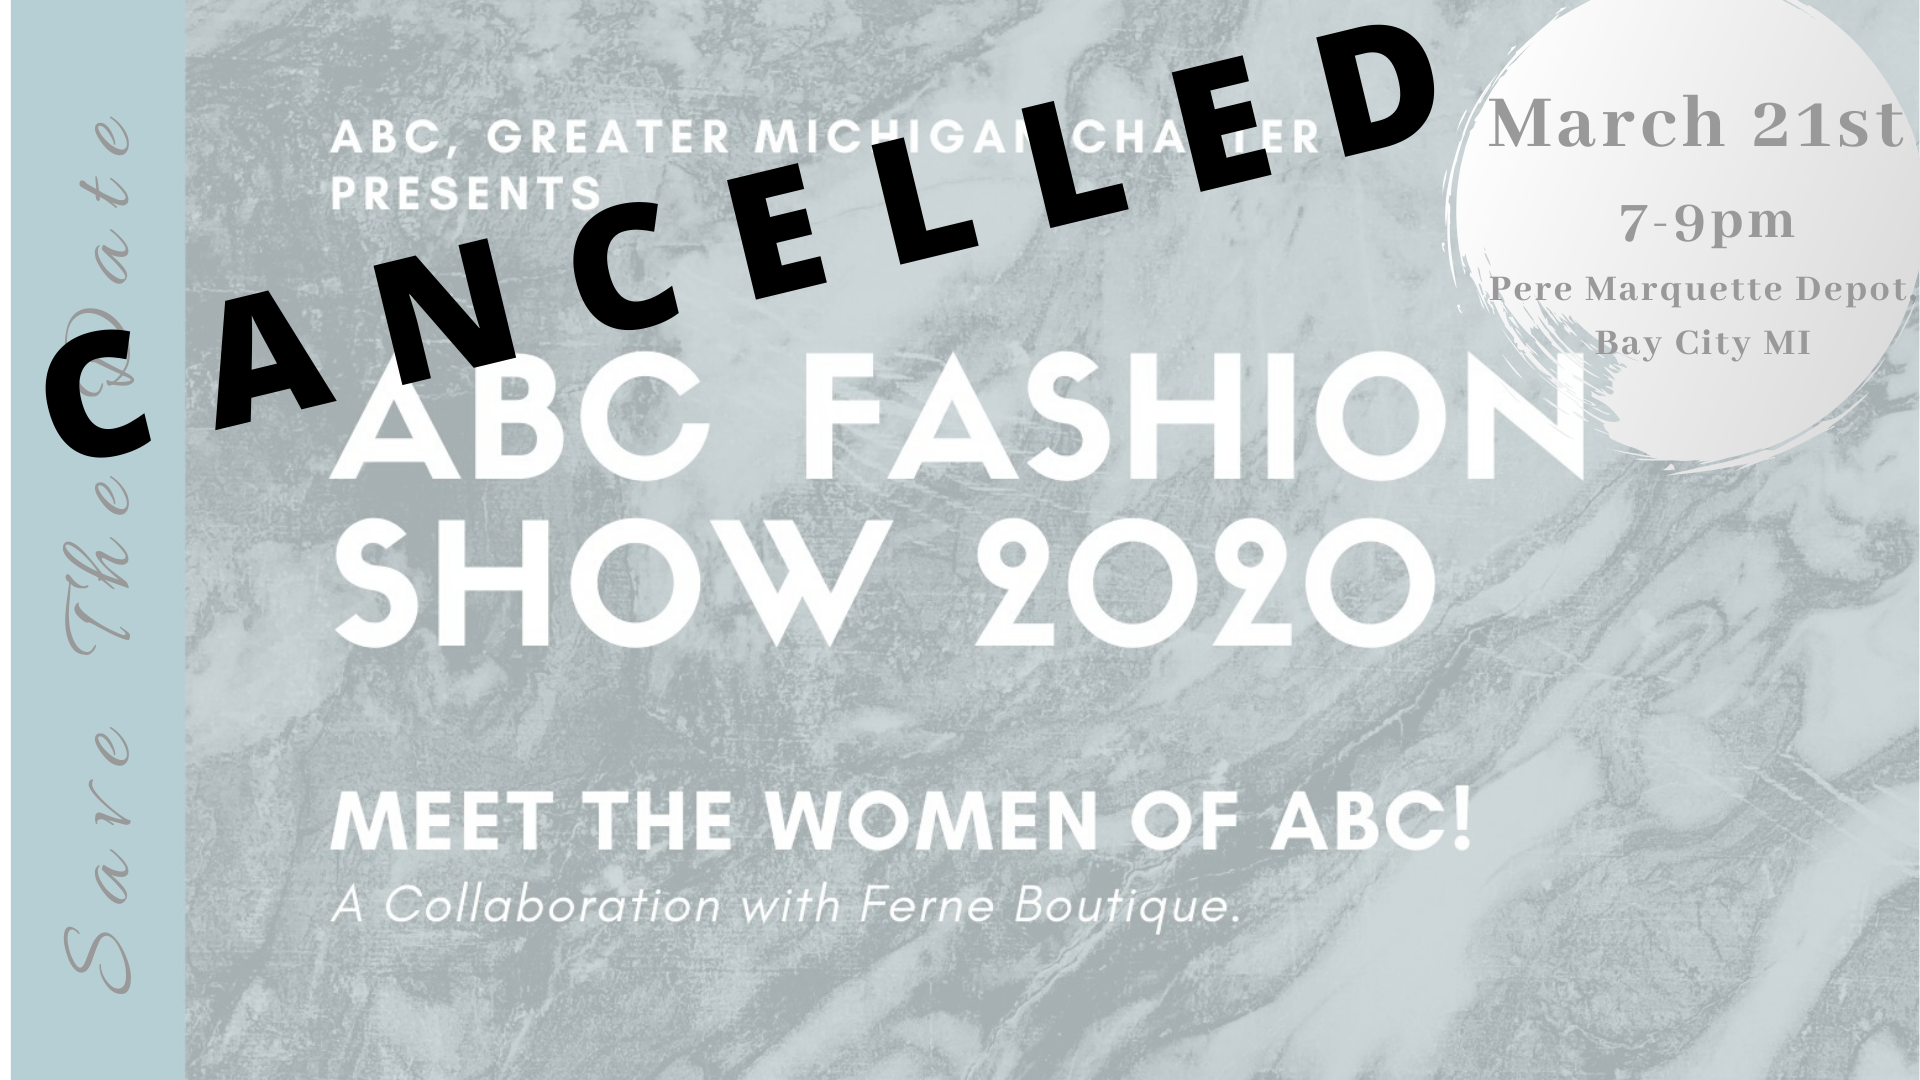 ABC fahion show cancelled